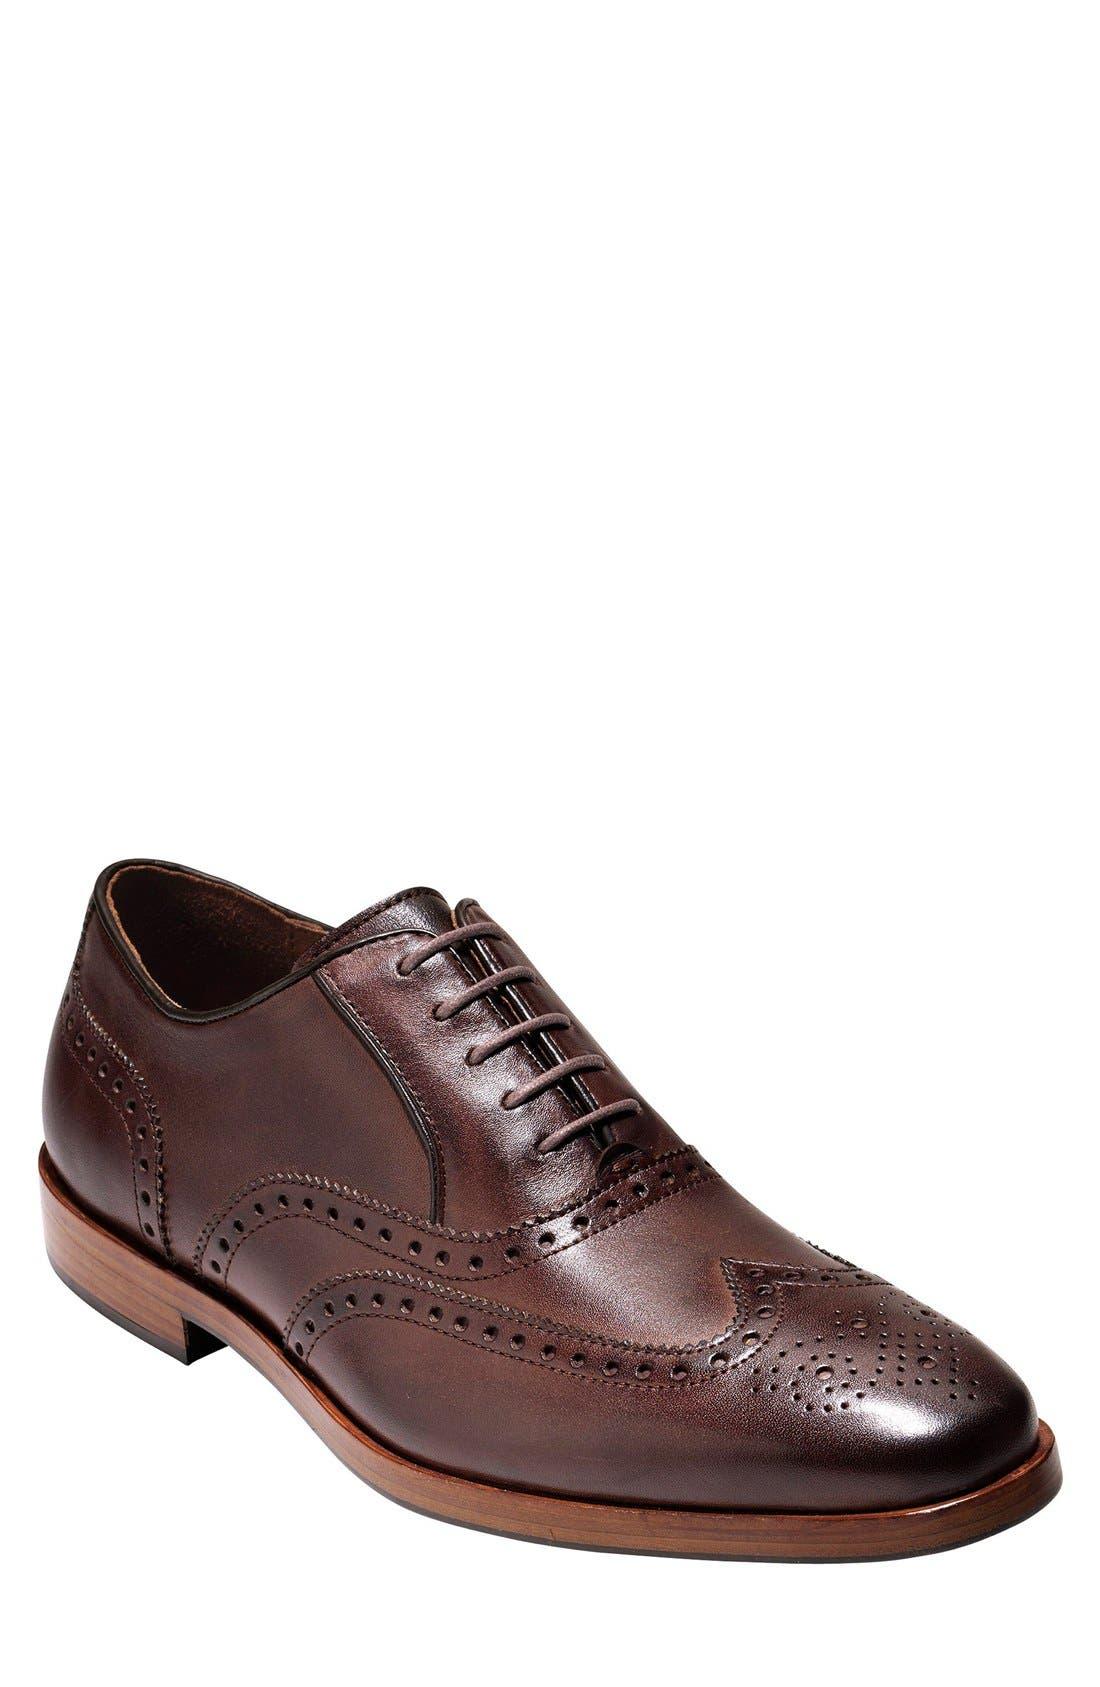 Hamilton Wingtip,                         Main,                         color, Dark Brown